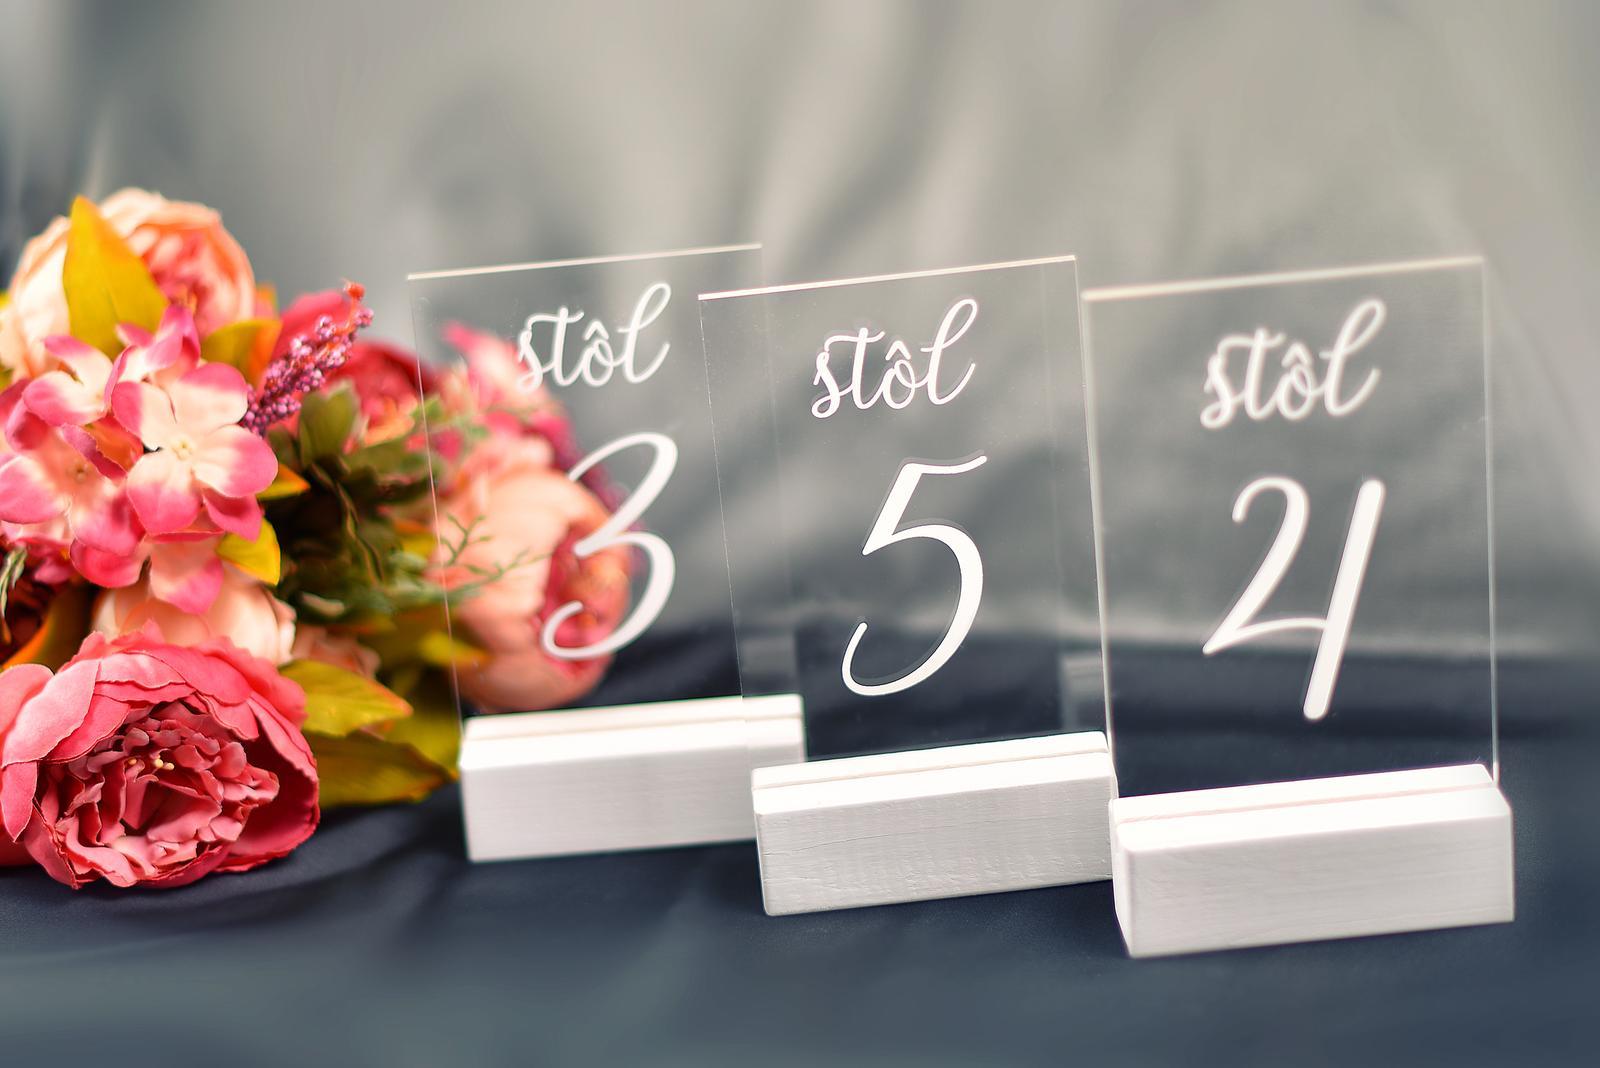 Čísla na stoly. - Obrázok č. 2